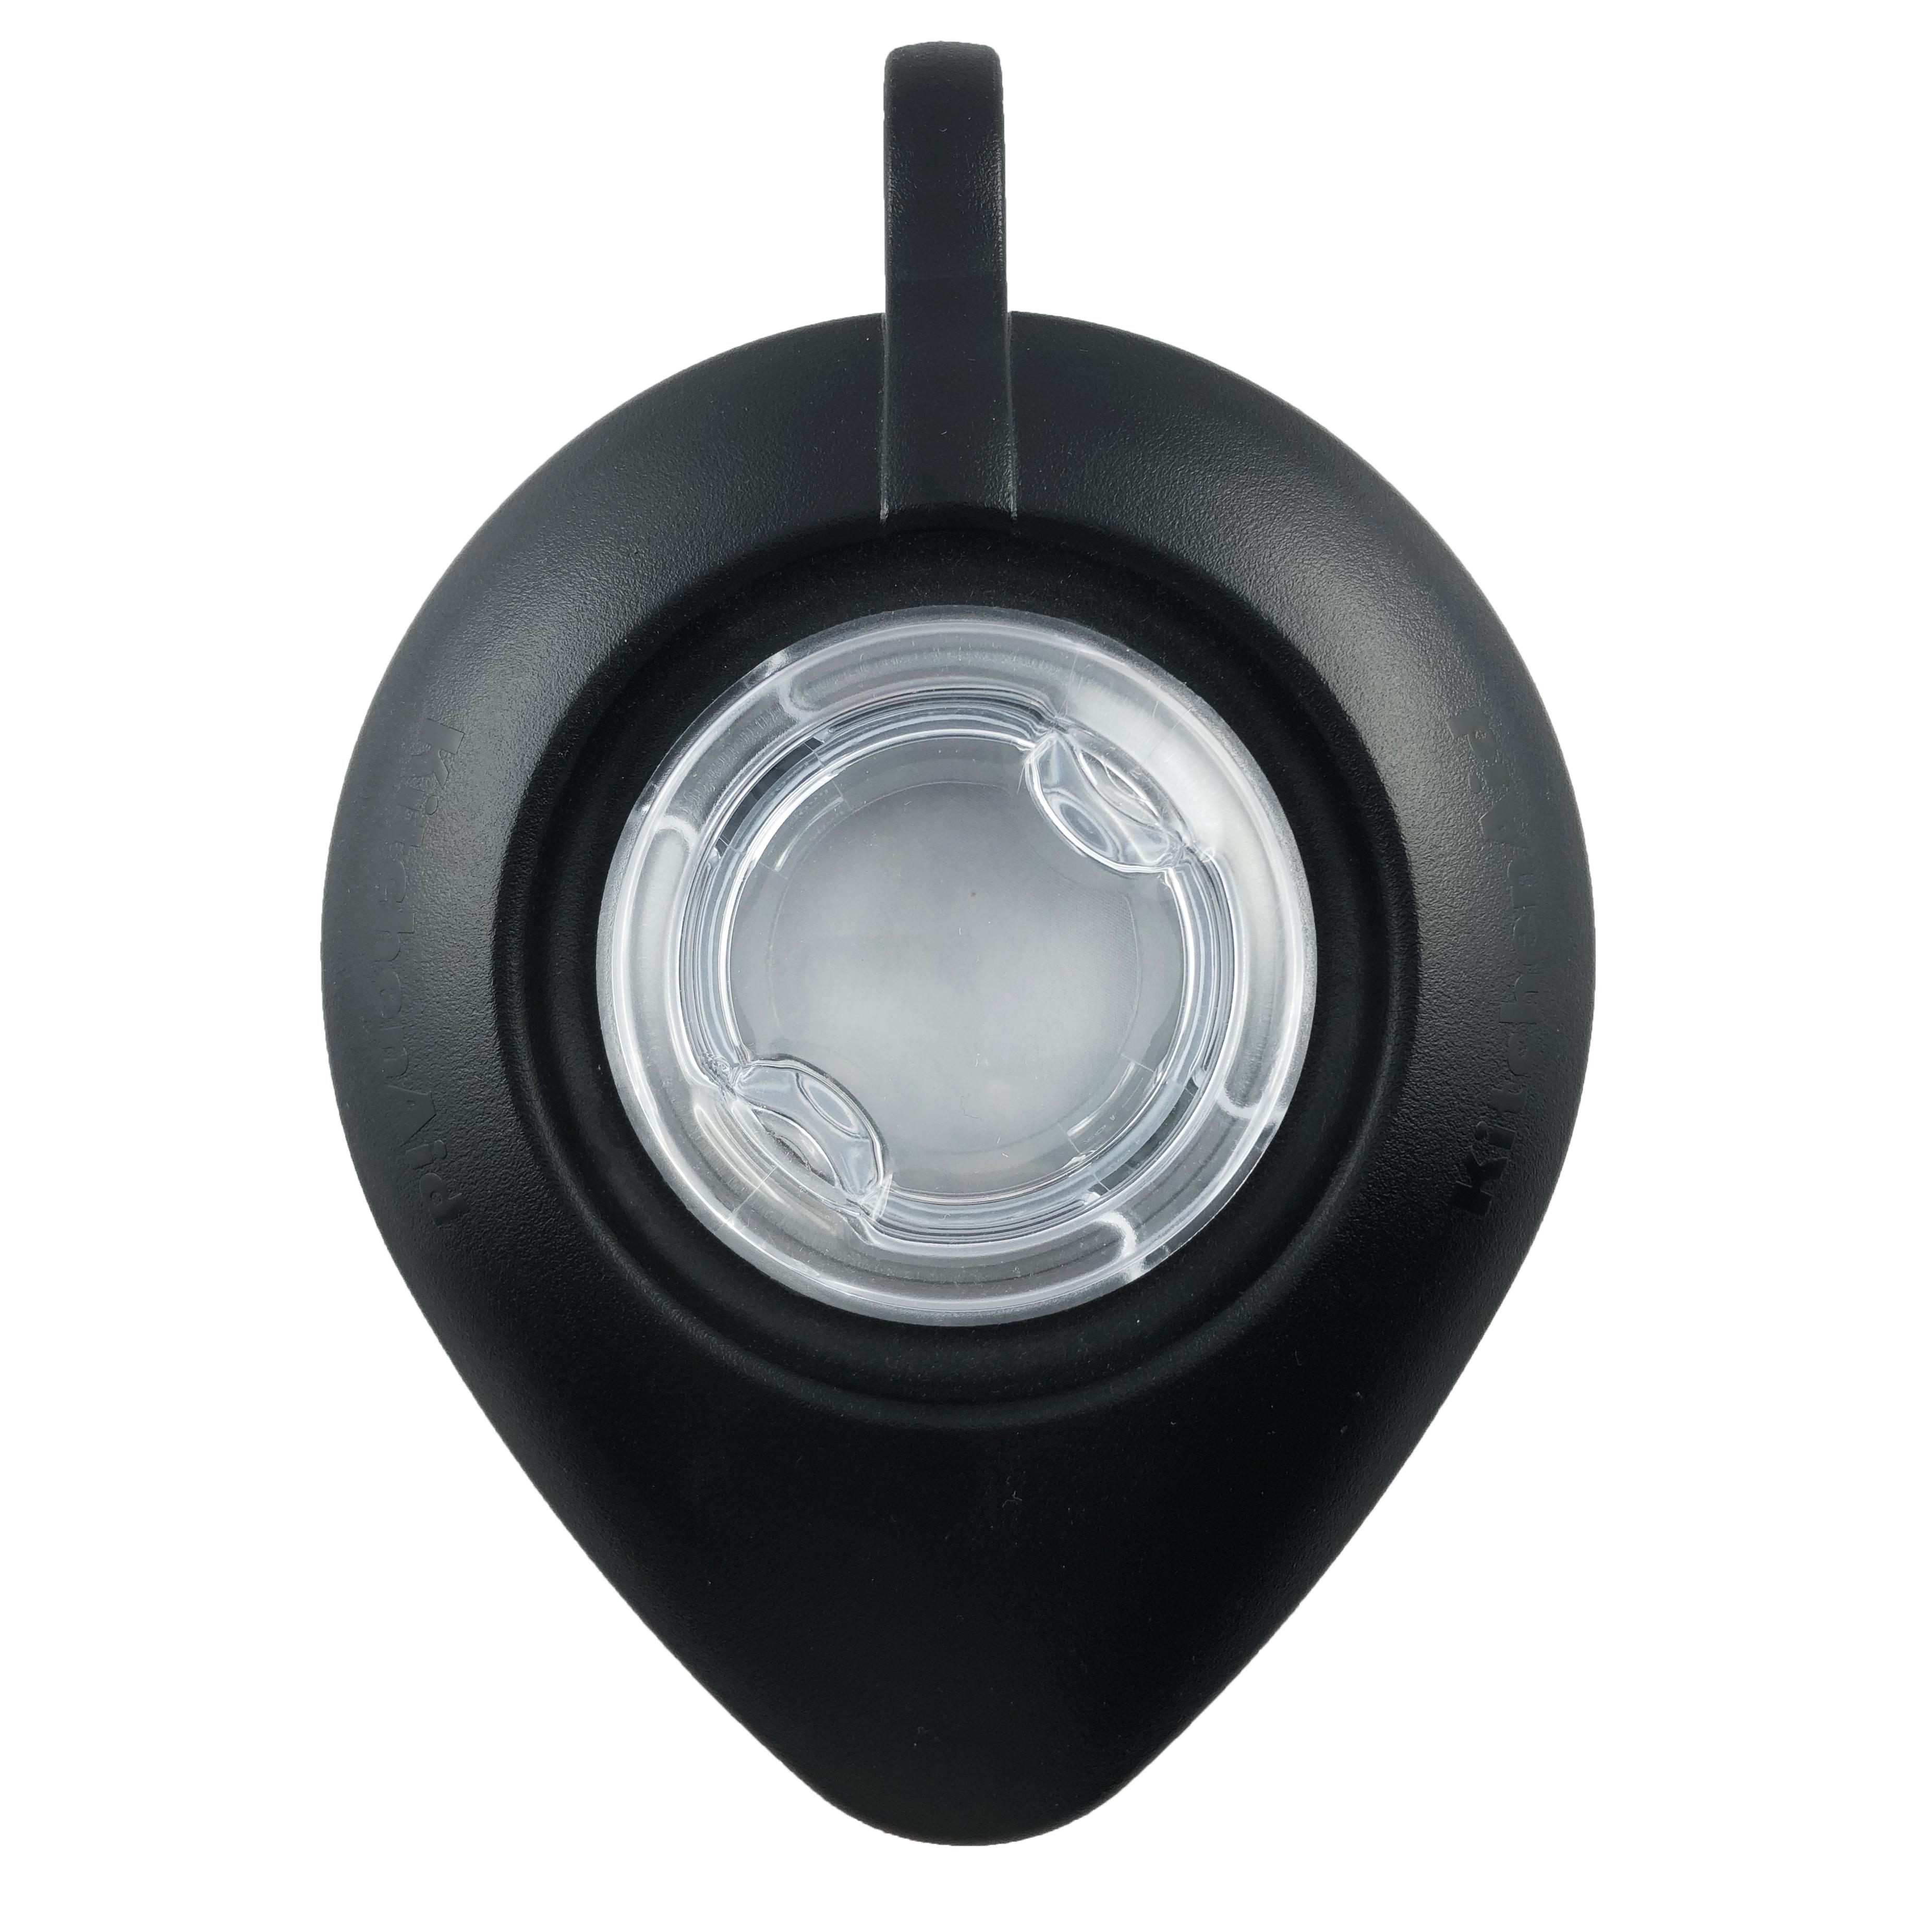 Deckel + Maß schwarz - KSB1585 - Diamond